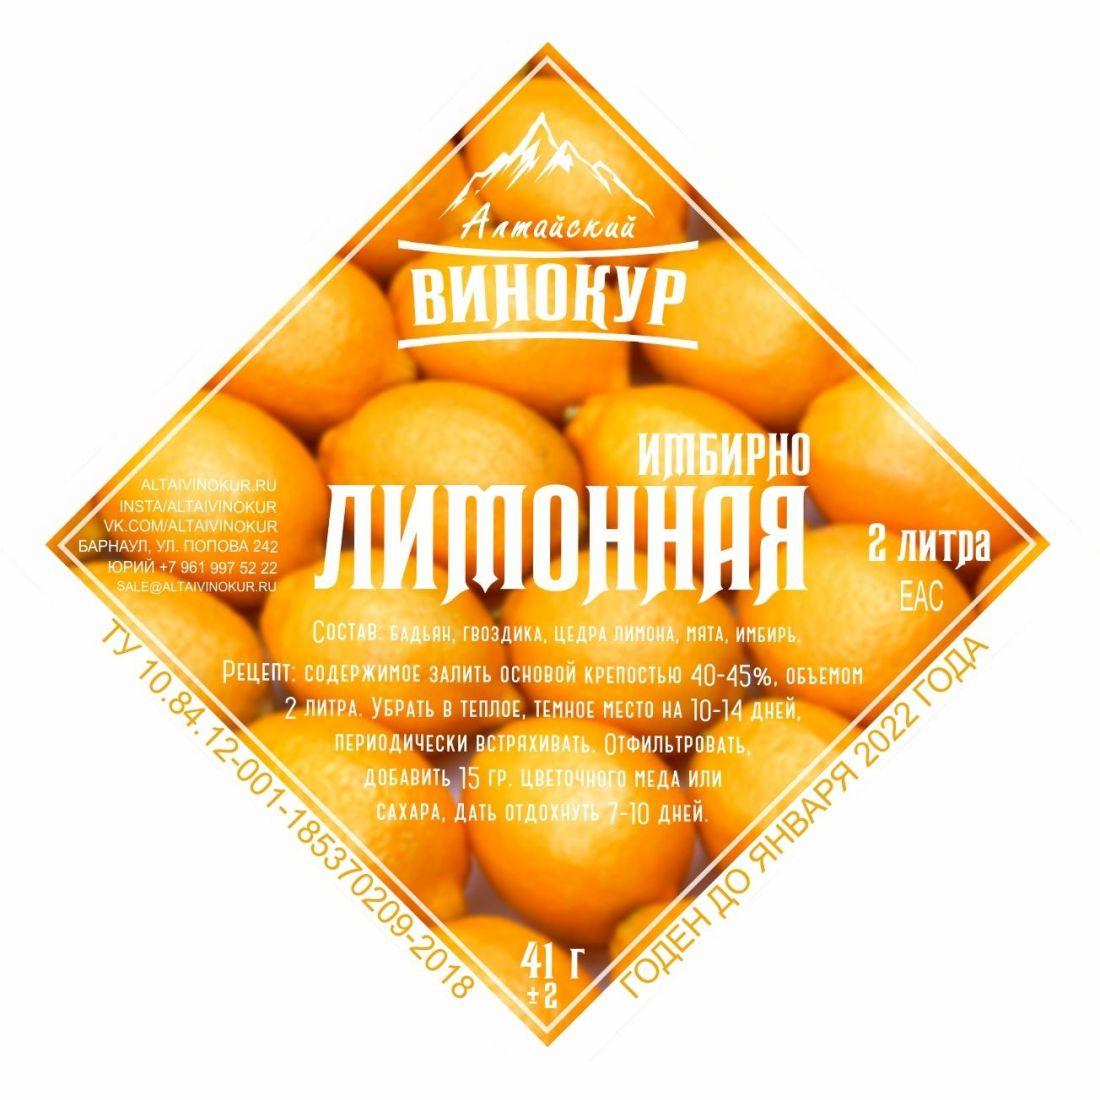 Имбирно-лимонная - Набор трав и пряностей